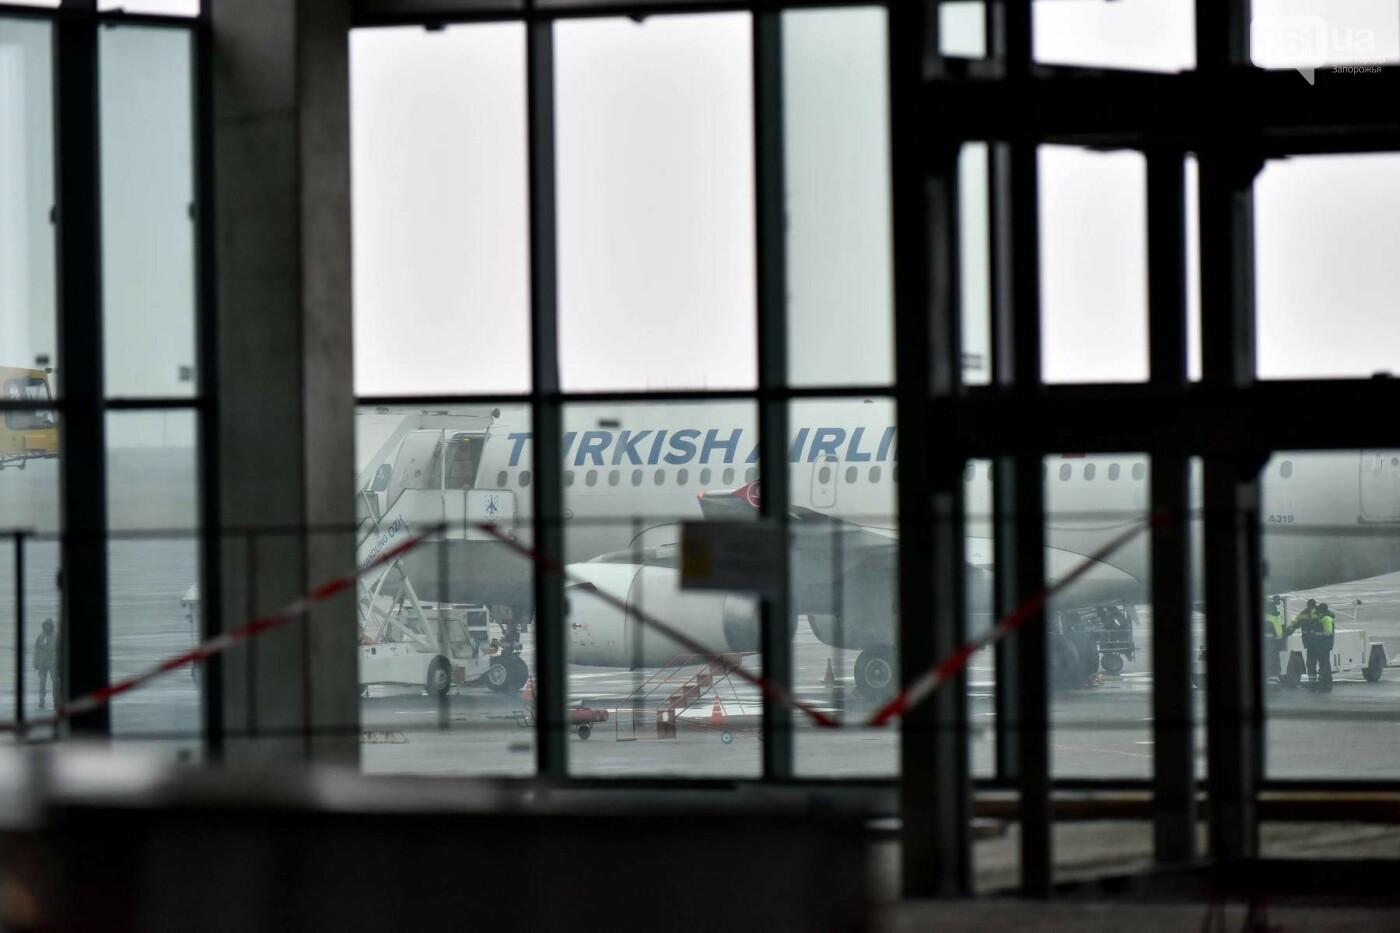 Запорожский аэропорт возьмет кредит на строительство терминала и прогнозирует увеличение пассажиропотока до одного миллиона, — ФОТОРЕПОРТАЖ, фото-11